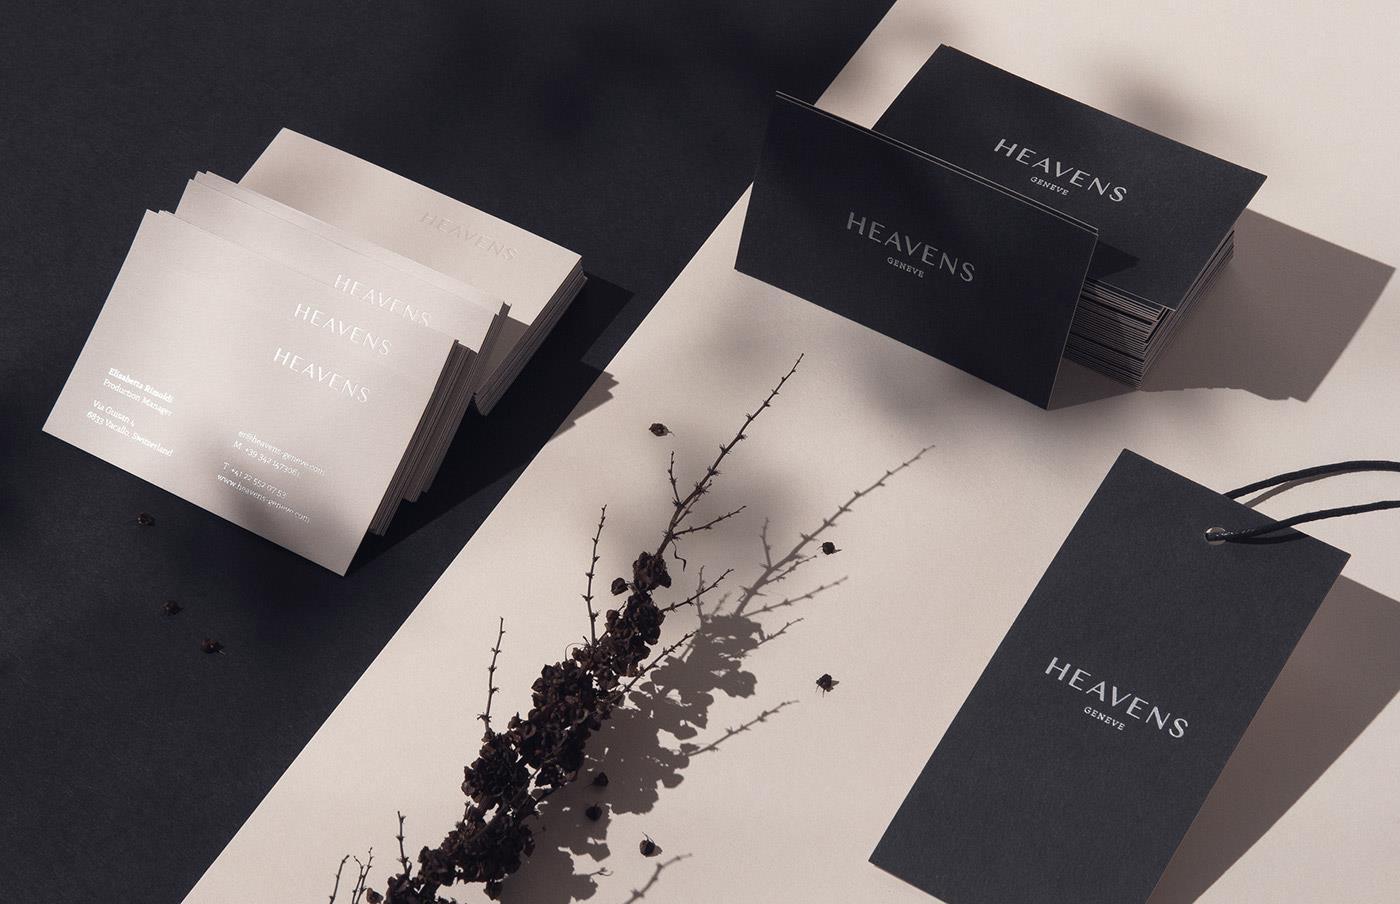 行业:服装 服务内容:品牌设计、服装标志设计 企业名称:Heavens Heavens于2008年成立于日内瓦一家高档服装品牌,Heavens主要以女装为主,旨在促进和推动Swissness的高度时尚和奢侈品的世界。 Heavens服装品牌设计中品牌名字的起源反映了瑞士超过26个地区的许多混合plurilingual文化传播,配合在7世纪风格因此其丰富和和平的属性。我们知道我们必须关注的7个字母的名字和创造经典、优雅的字体,可以最后一年,如果不是数十年之久。  相关阅读: